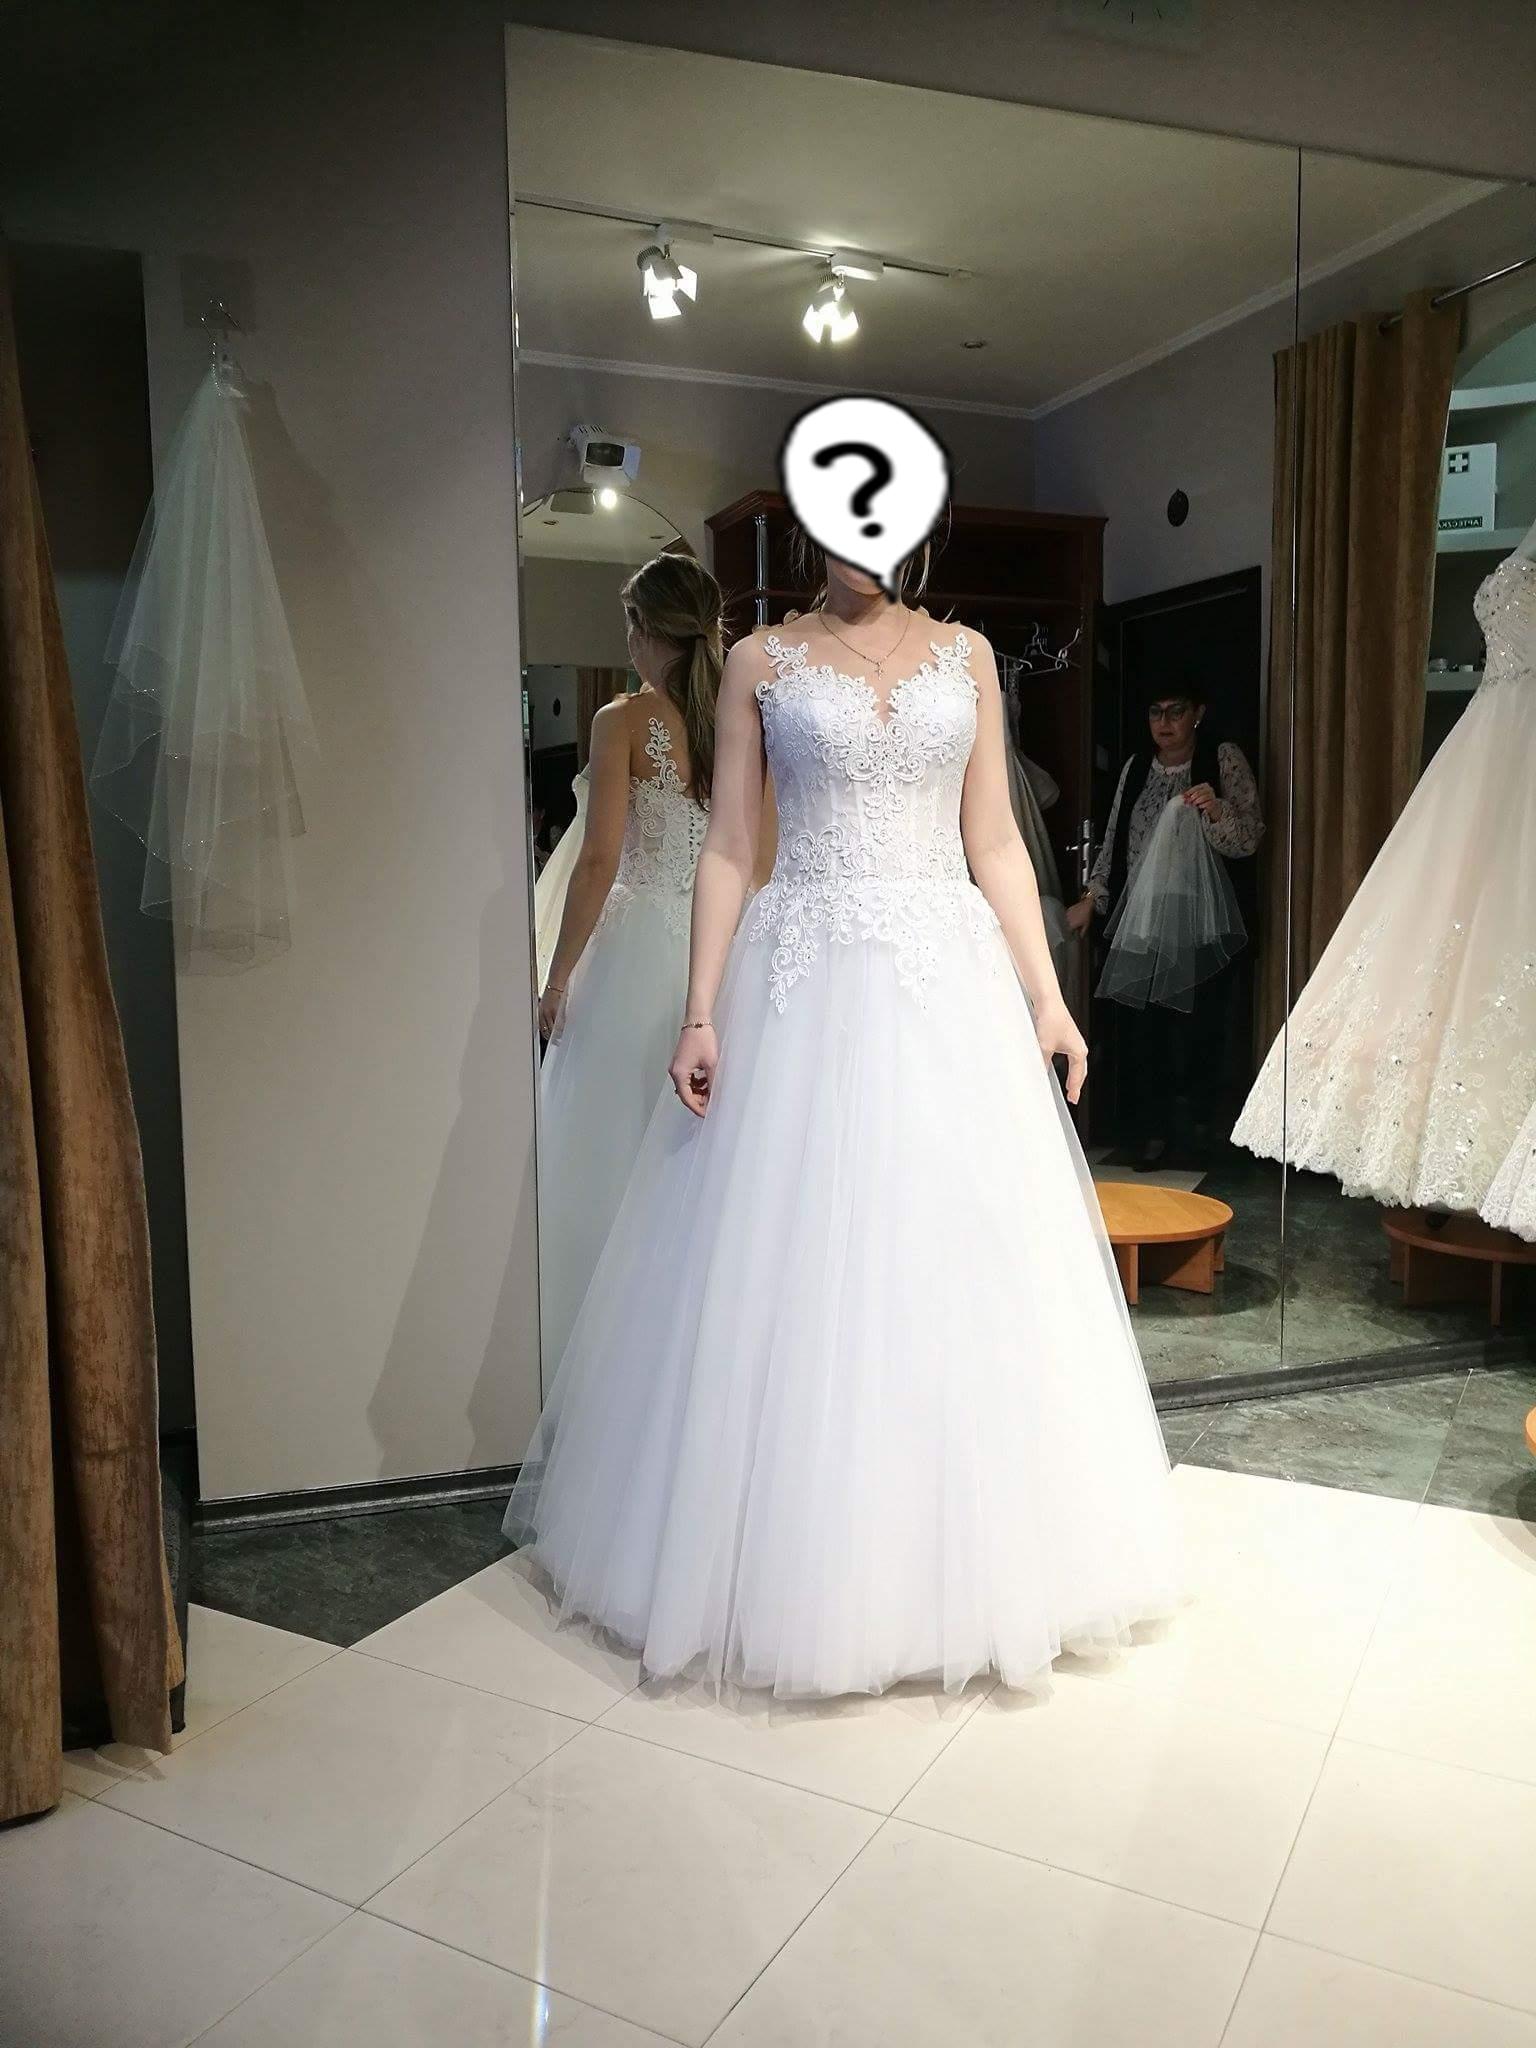 Suknia ślubna Ciążowa S 7247436000 Oficjalne Archiwum Allegro